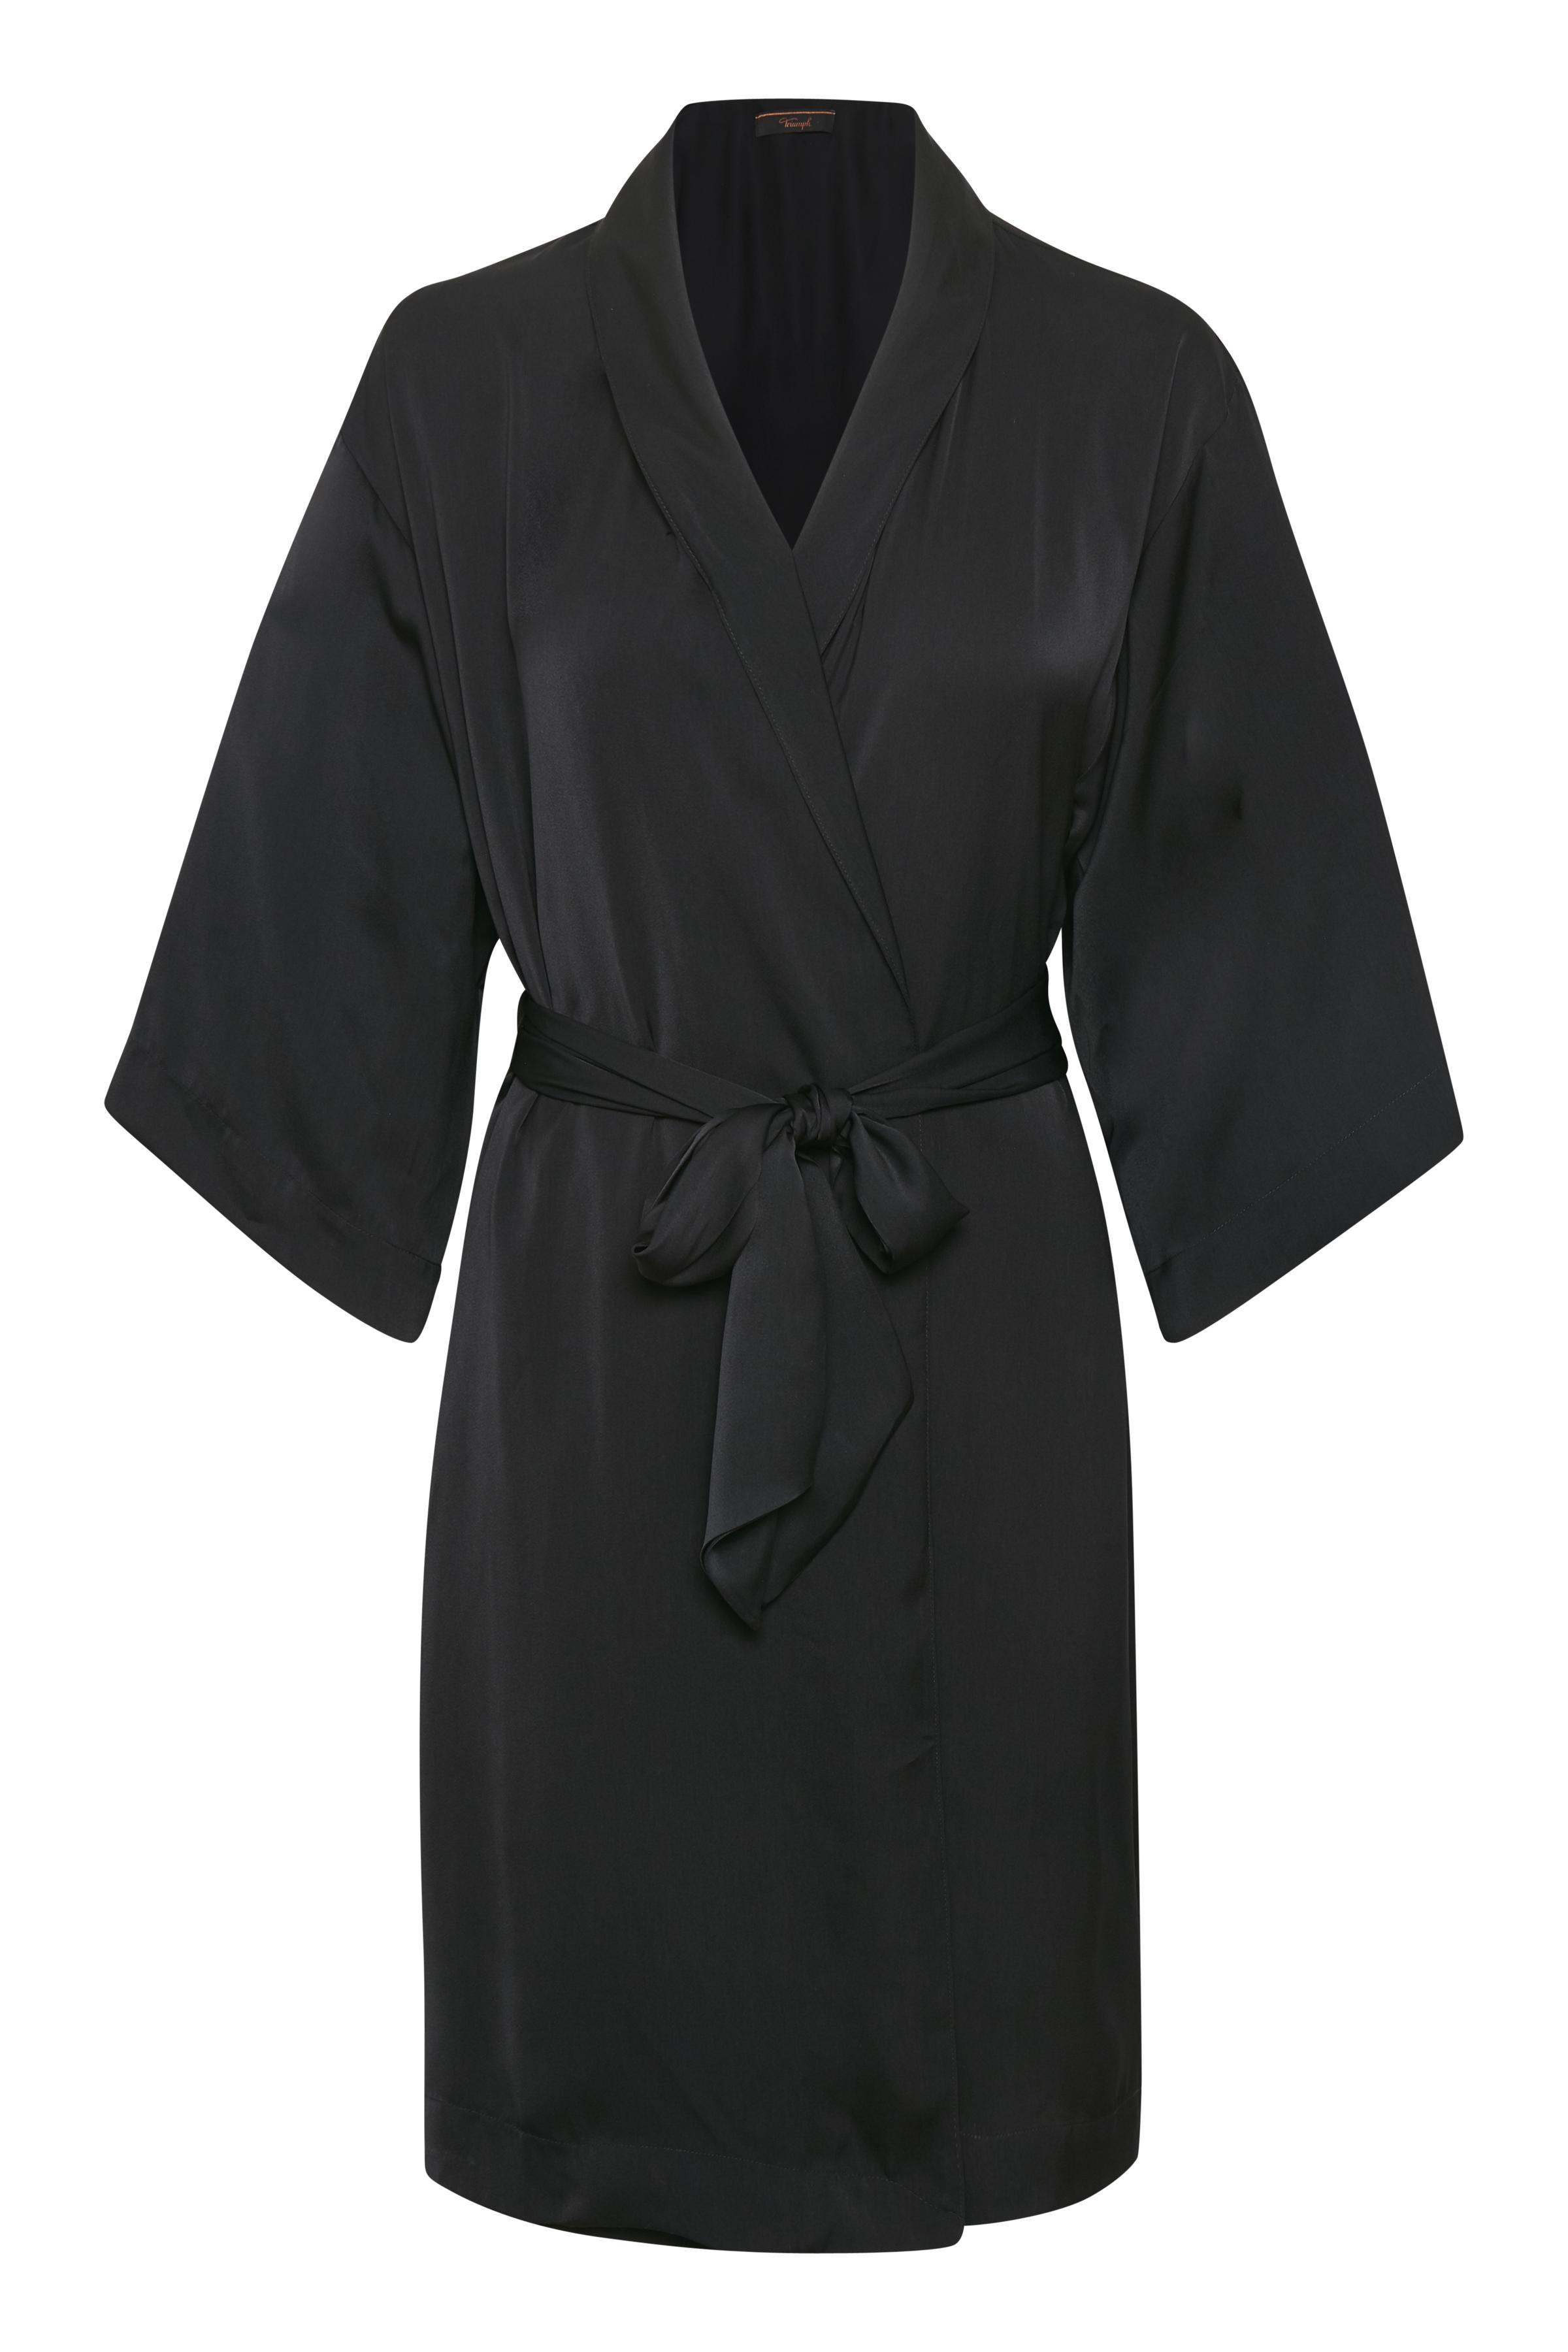 Schwarz Nachtwäsche von Triumph – Shoppen Sie Schwarz Nachtwäsche ab Gr. 36-44 hier